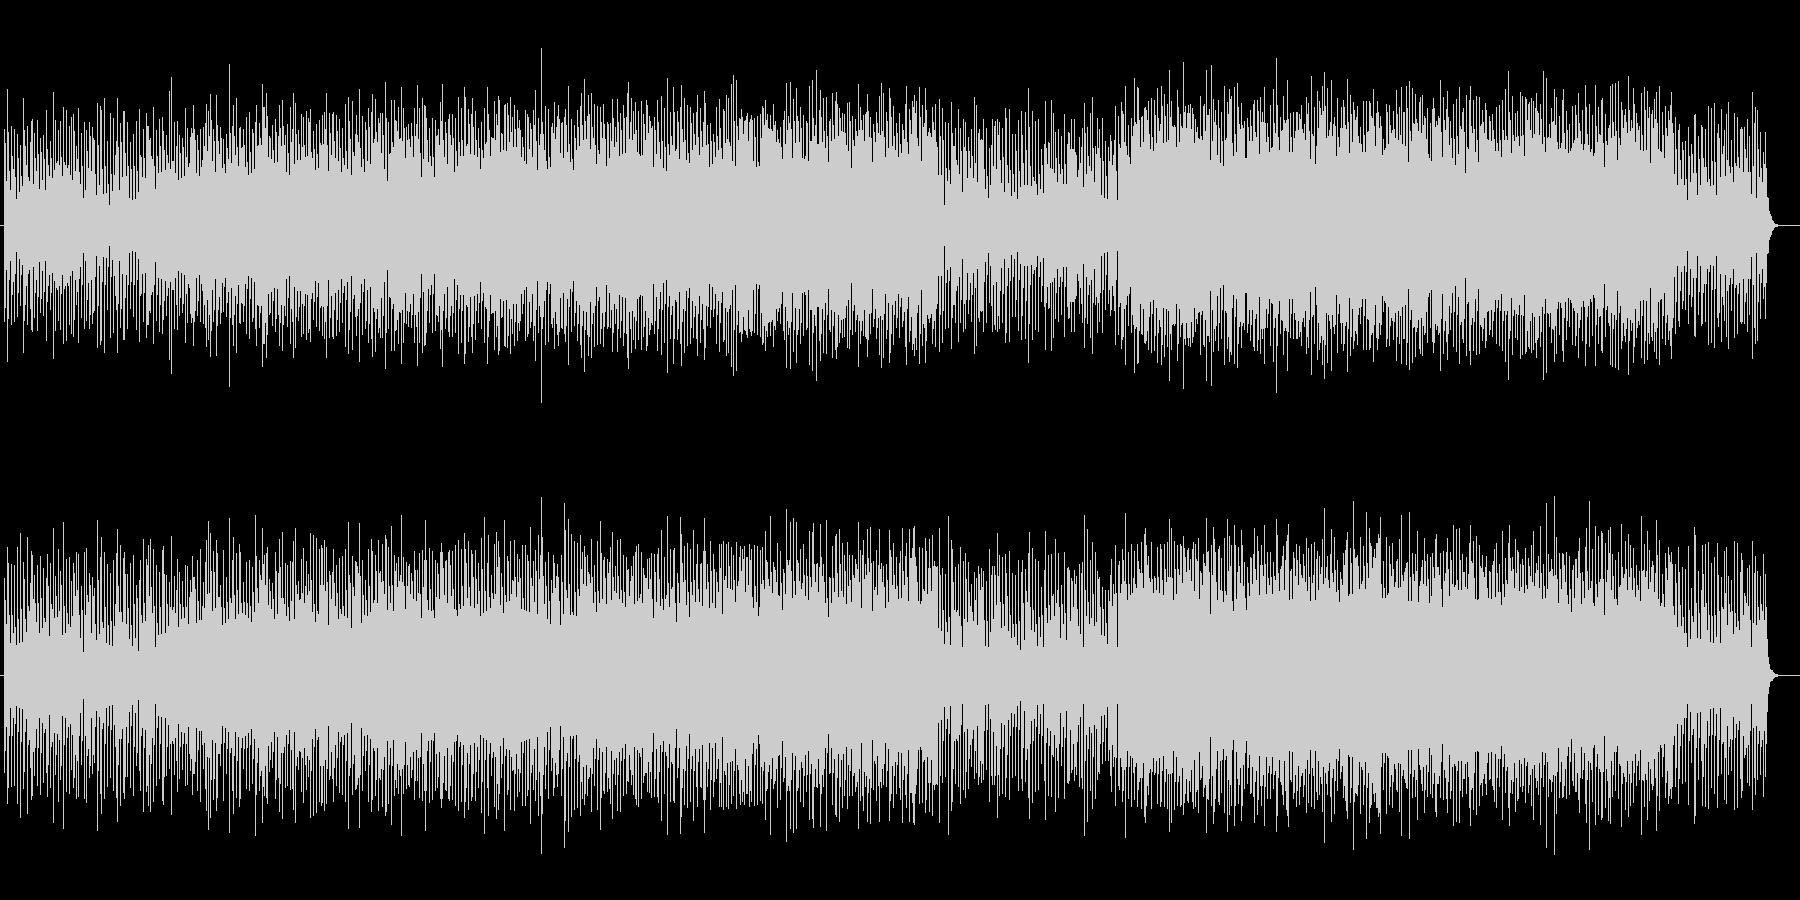 躍動的なシンセサイザーポップの未再生の波形